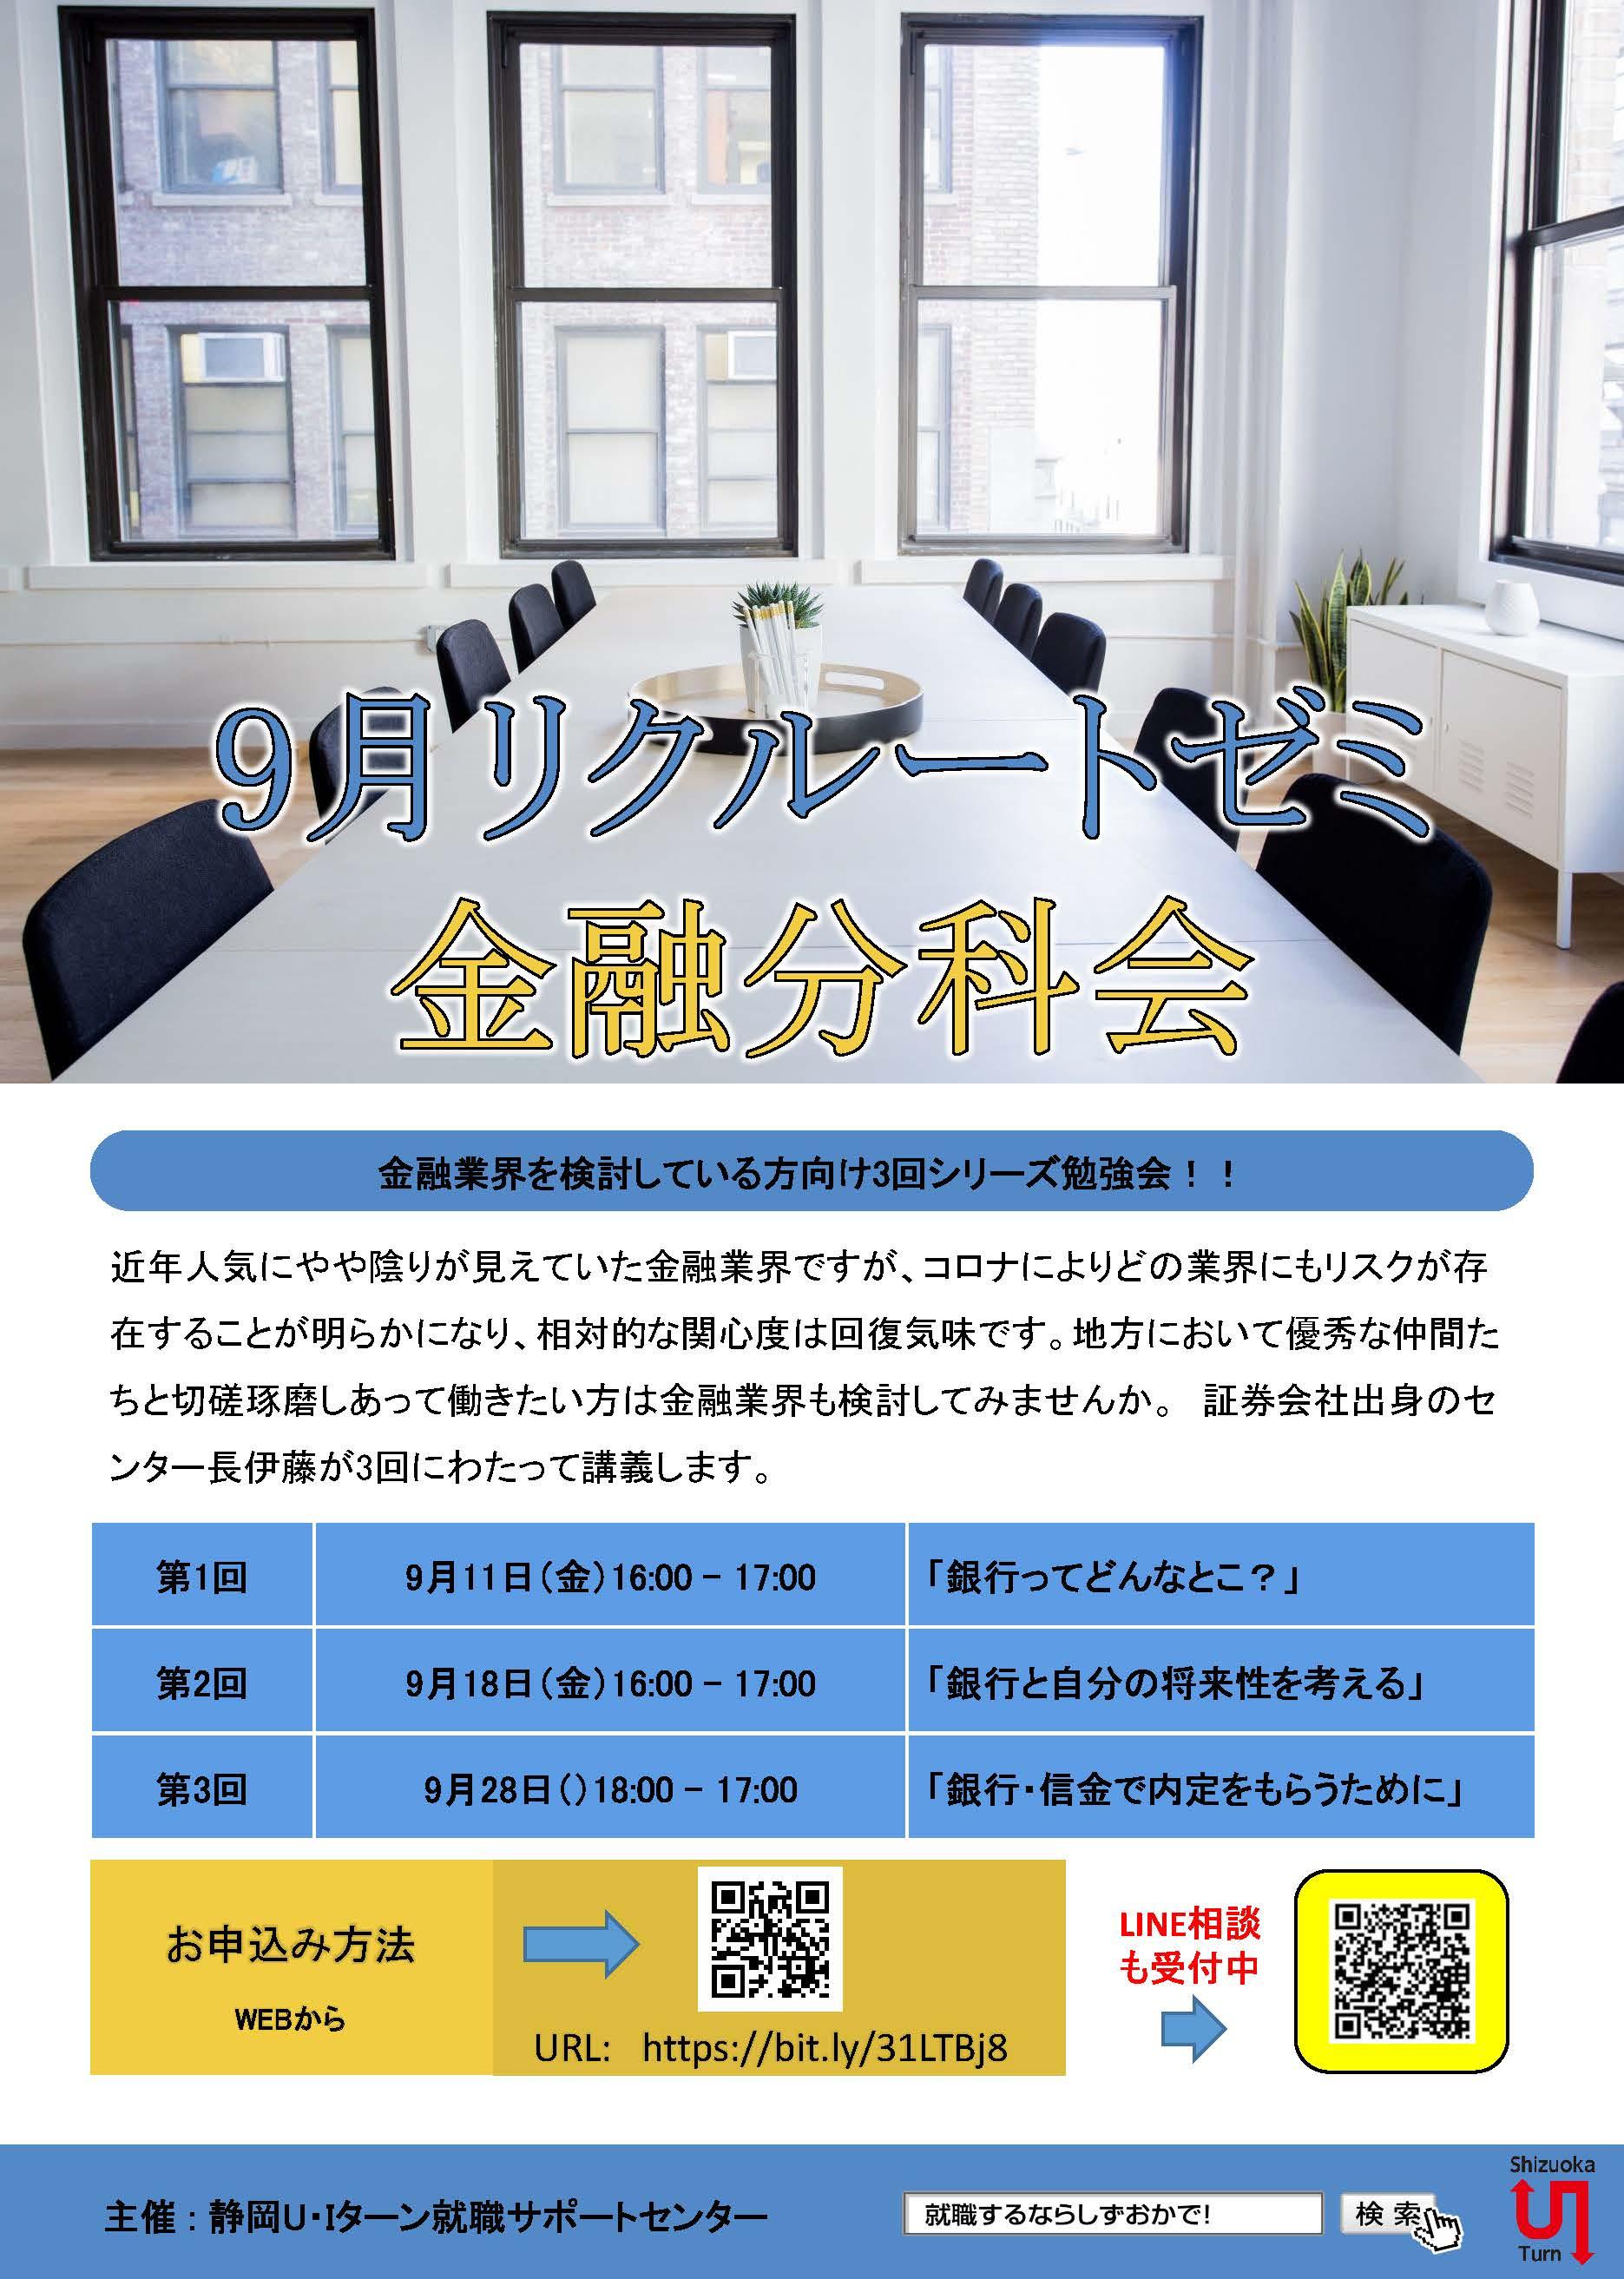 リクルートゼミ「金融分科会」 静岡U・Iターン就職サポートセンター